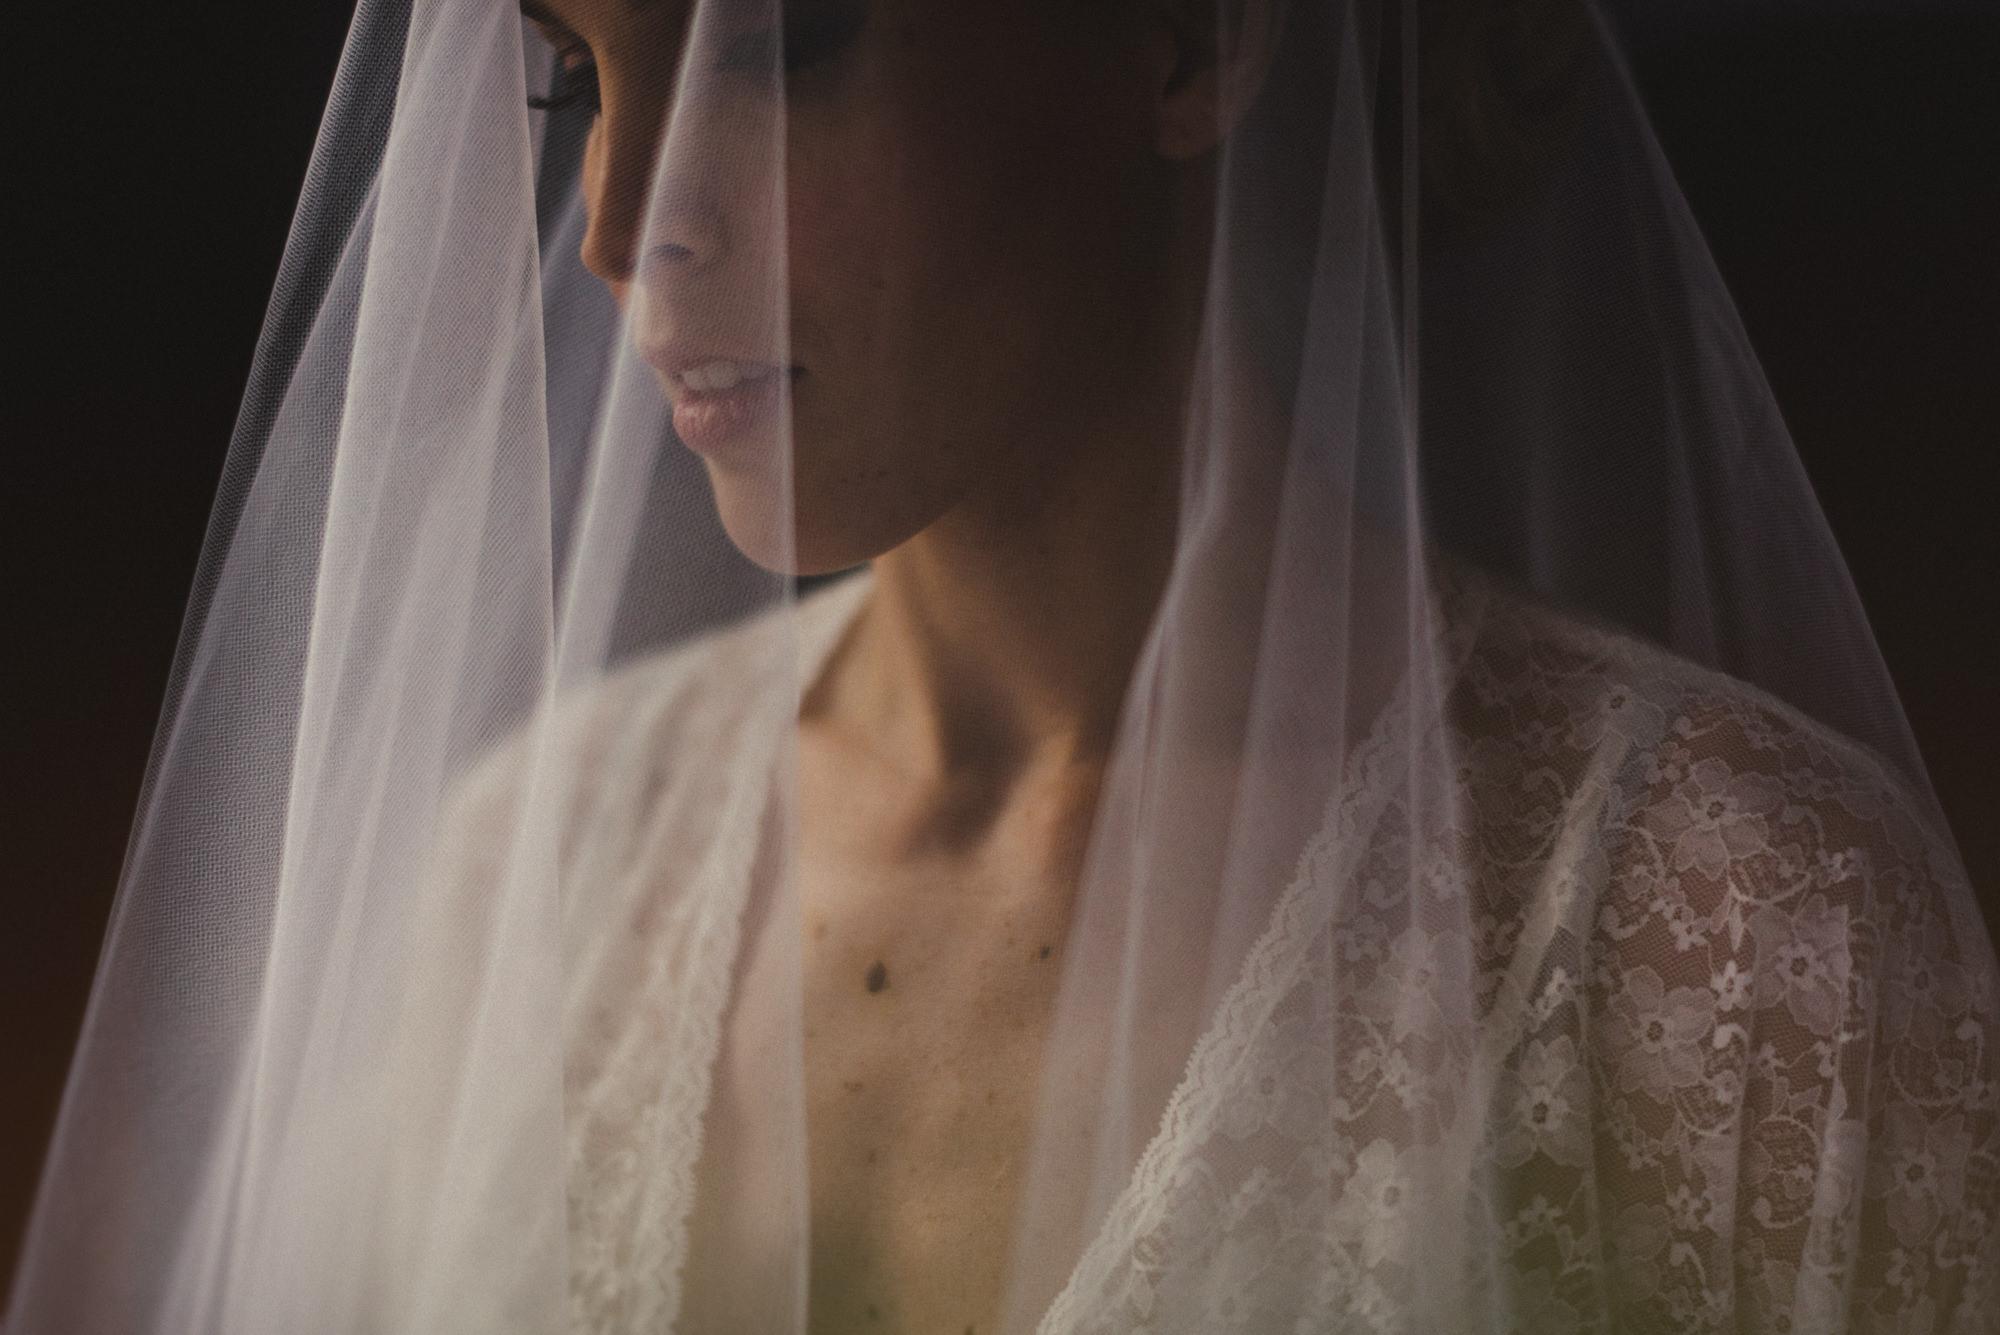 Romantic portrait of bride under veil by Fer Juaristi